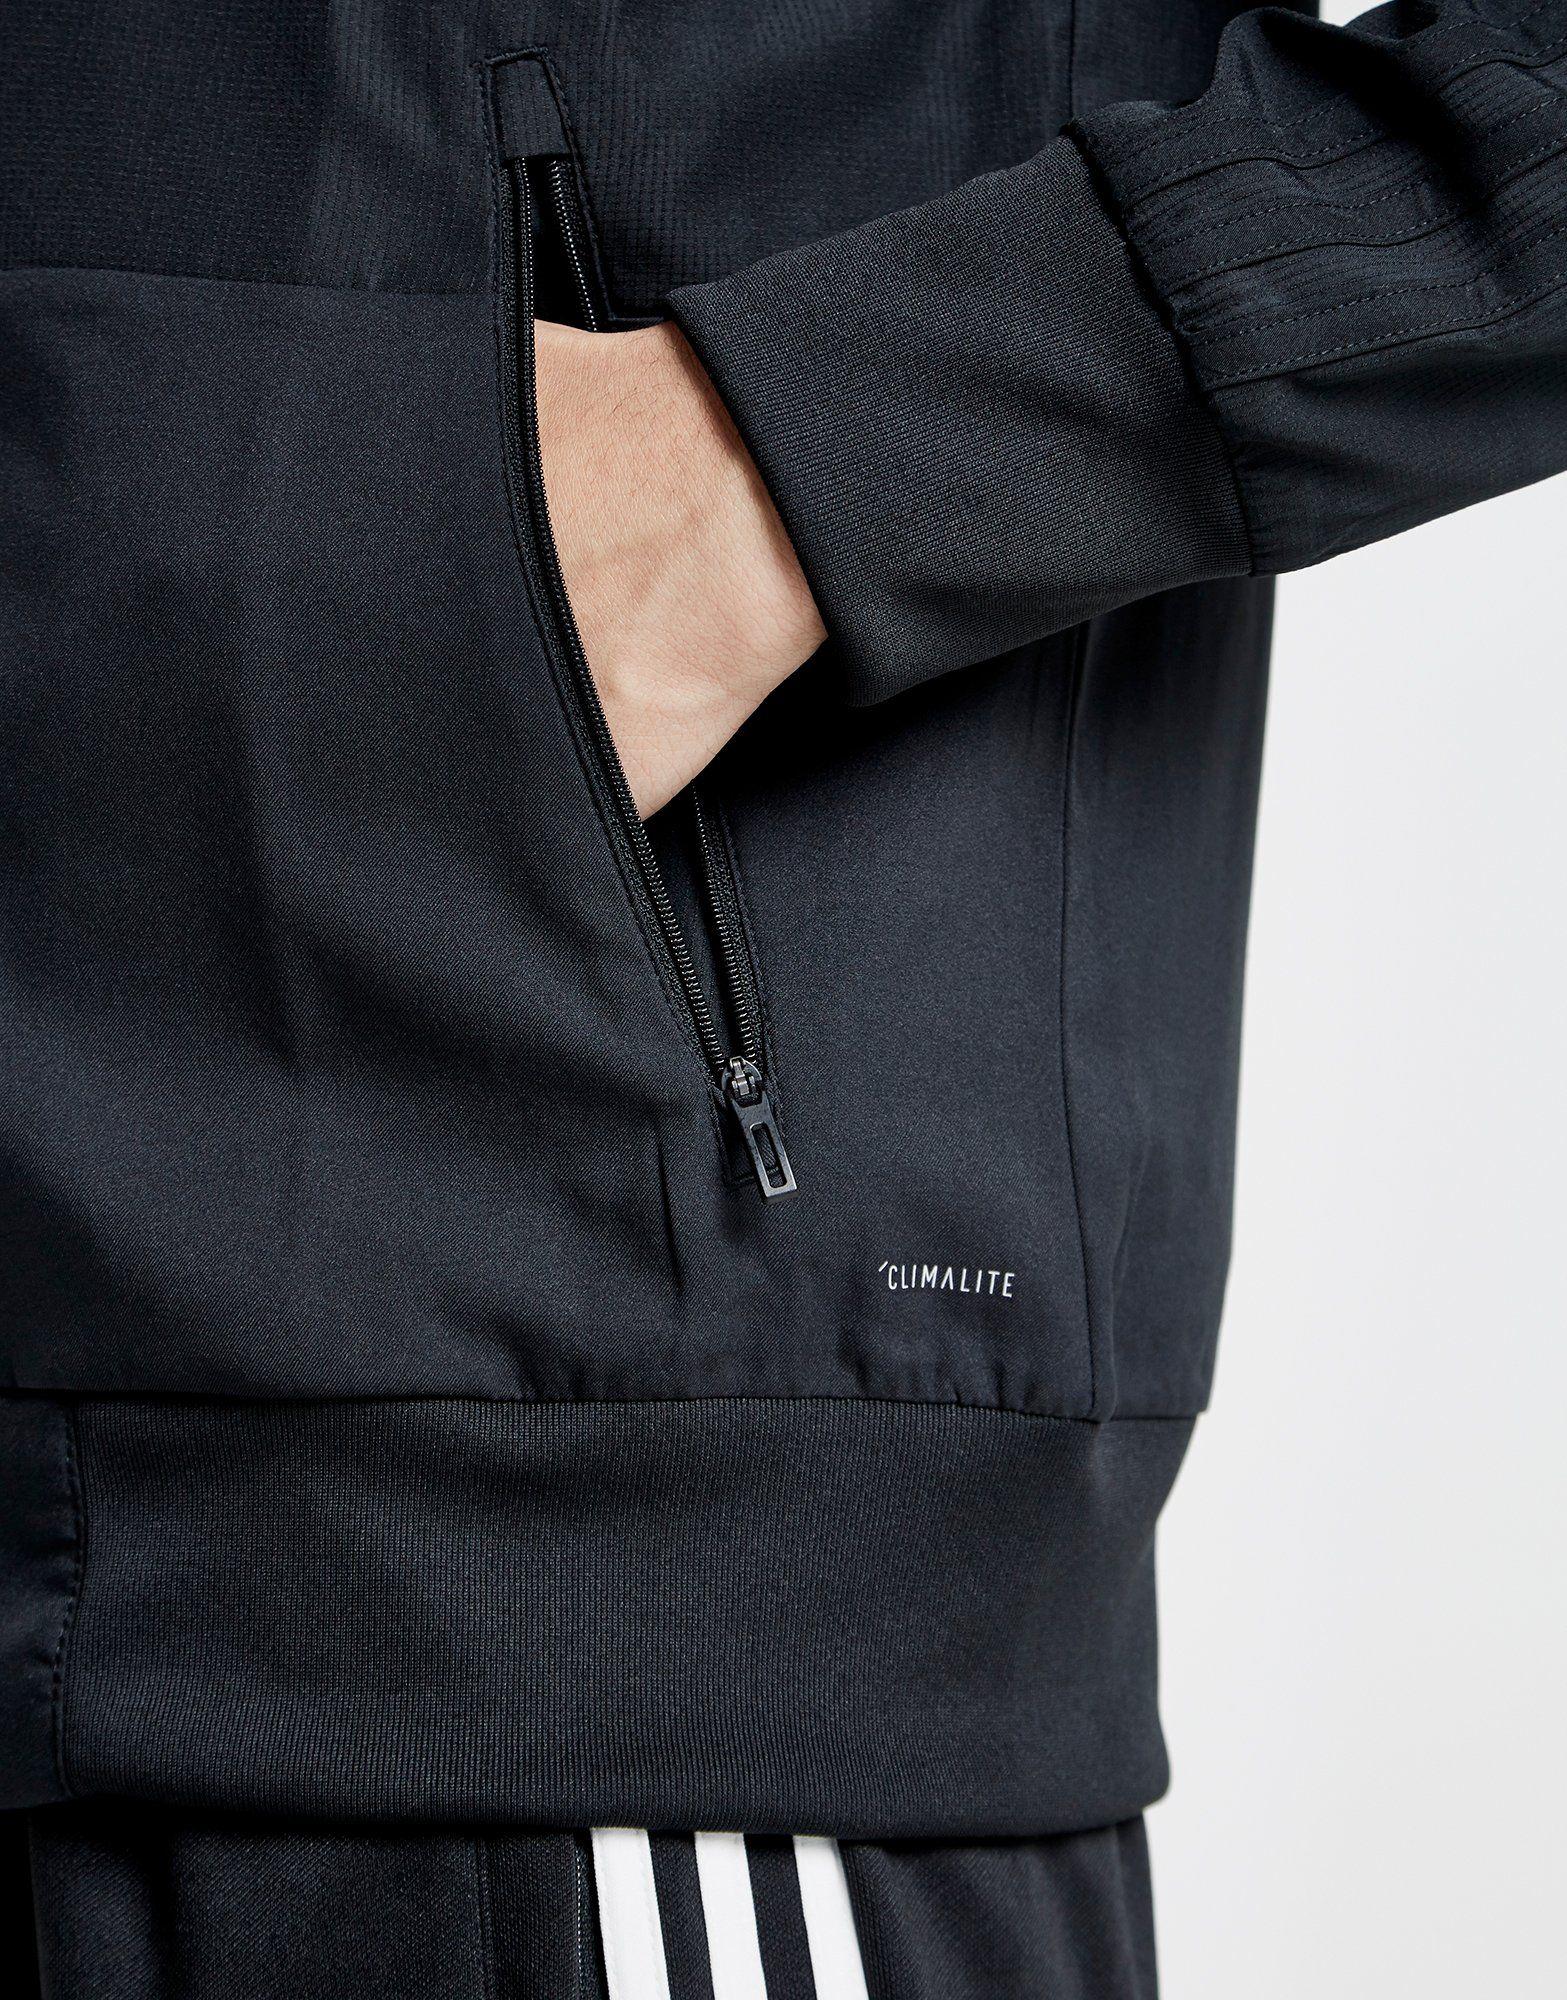 adidas Condivo 18 Presentation Jacket